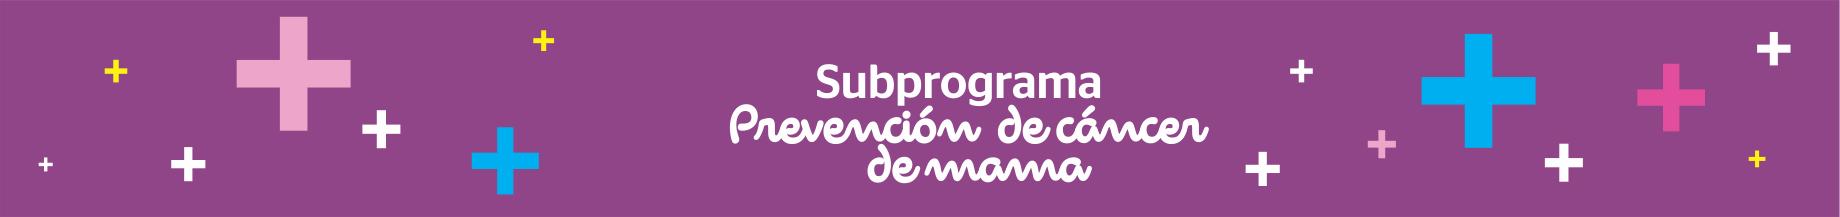 Subprograma – Prevención de cáncer de mama